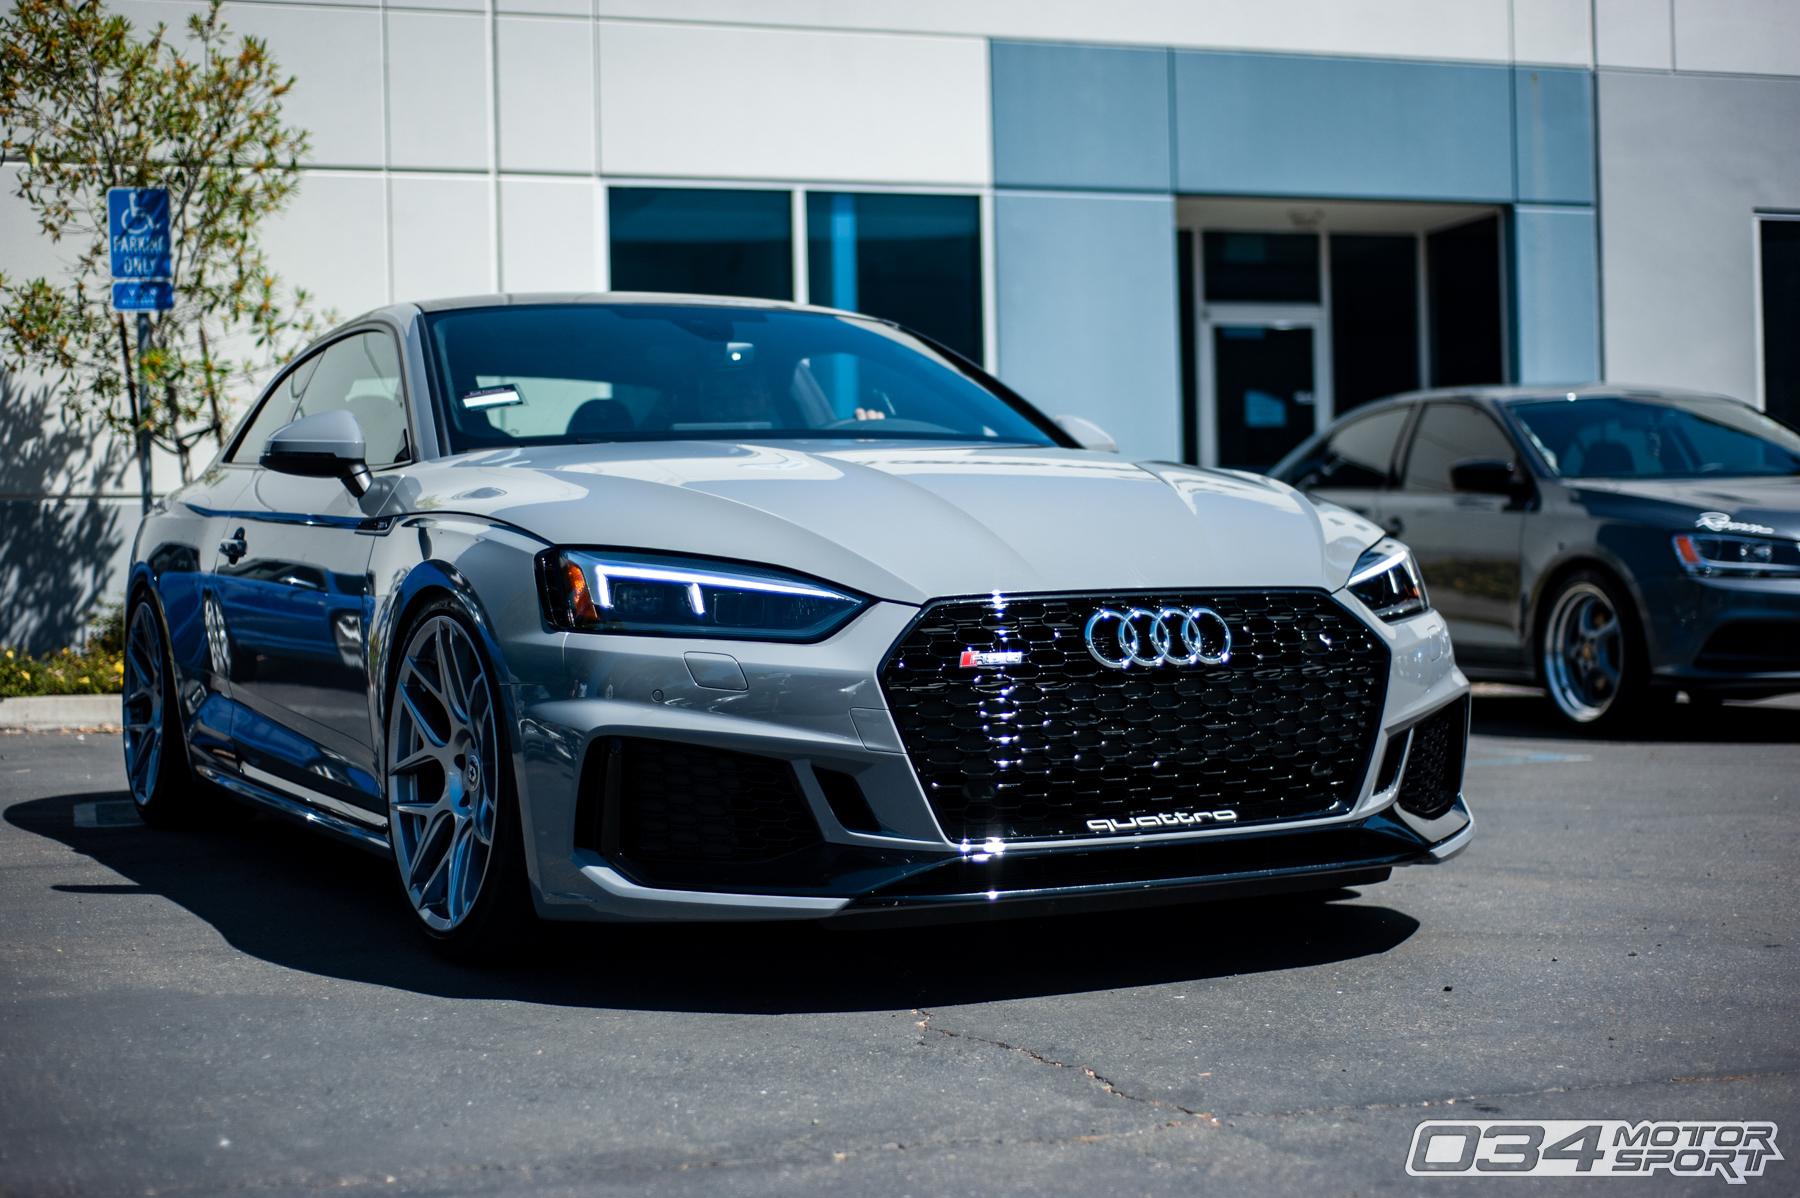 B9 Audi RS5